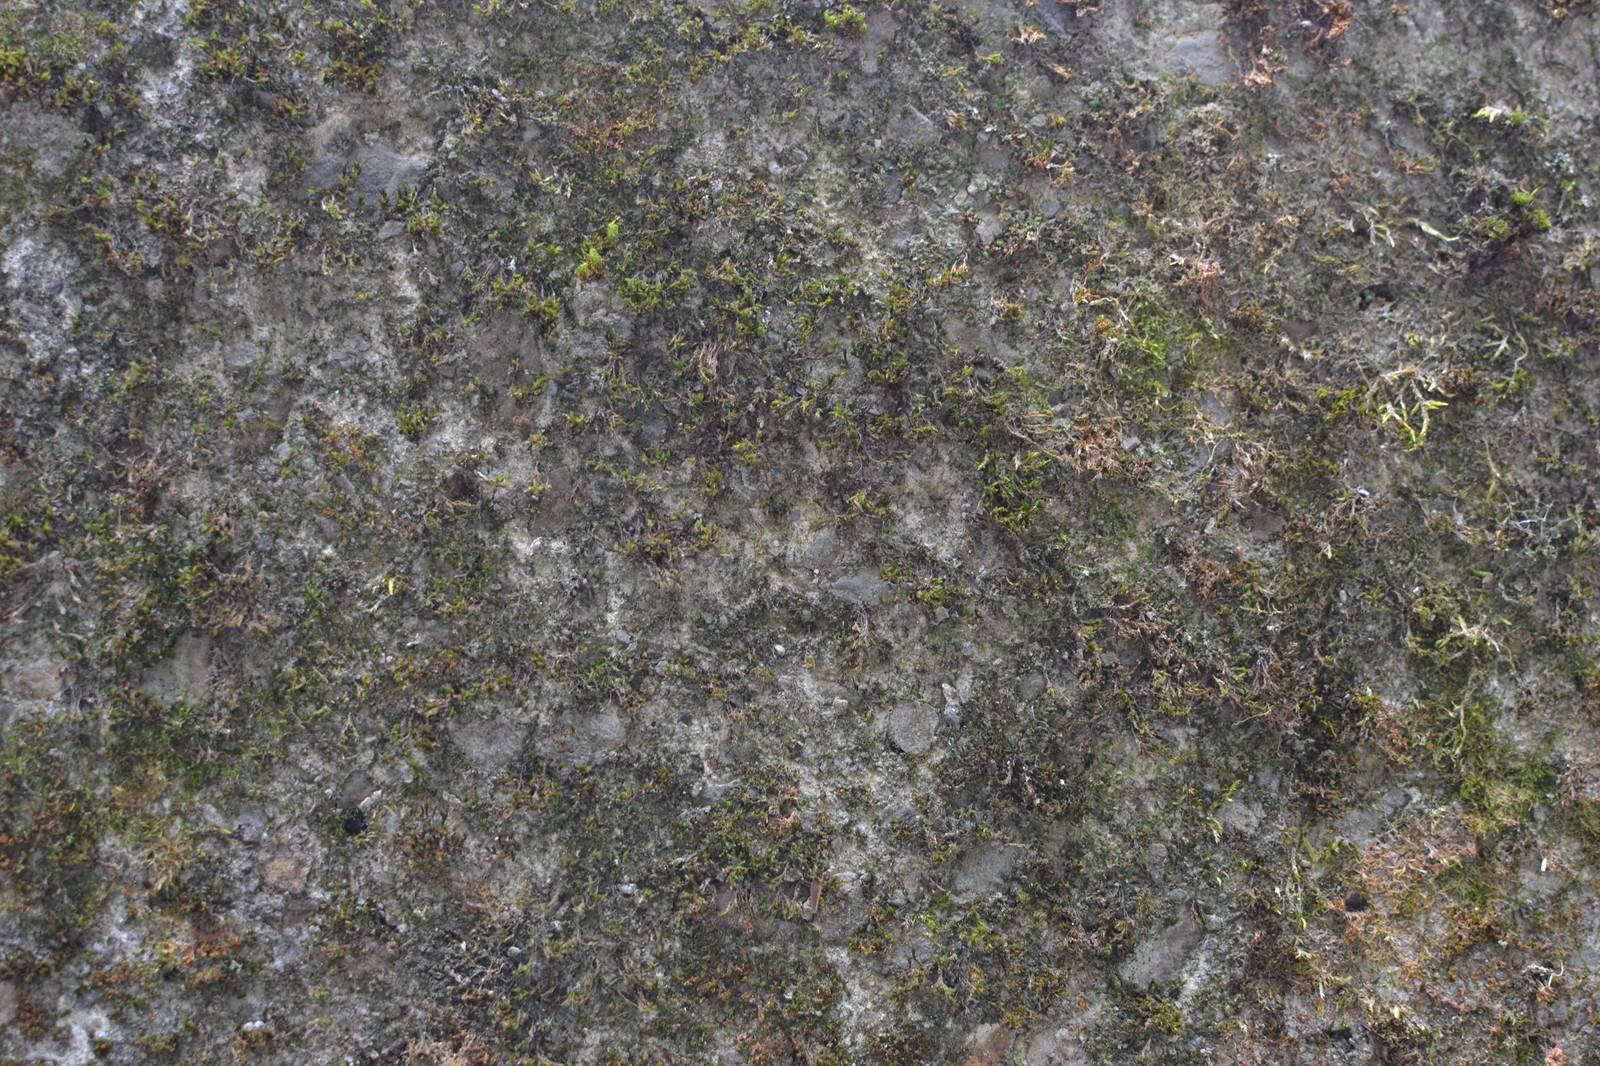 「コケが生えた地表」の写真